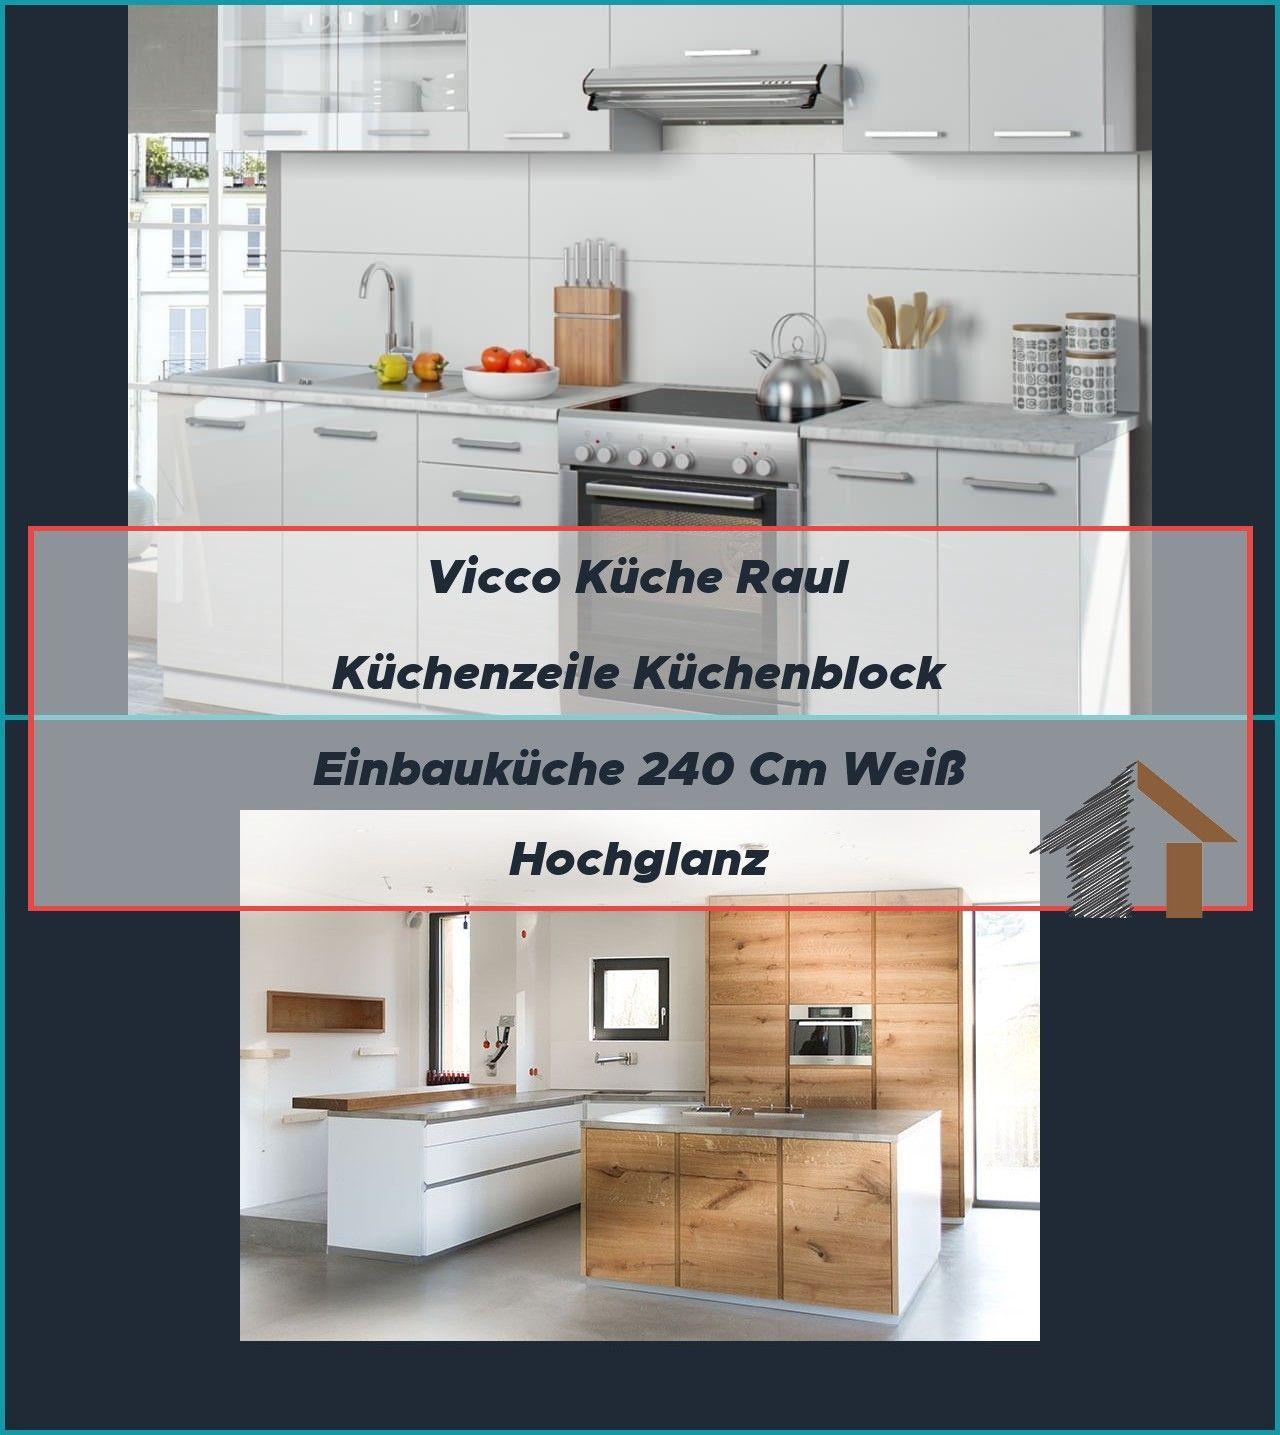 KÜCHE KÜCHENZEILE KÜCHENBLOCK MODERN 240 CM Einbauküche BETON